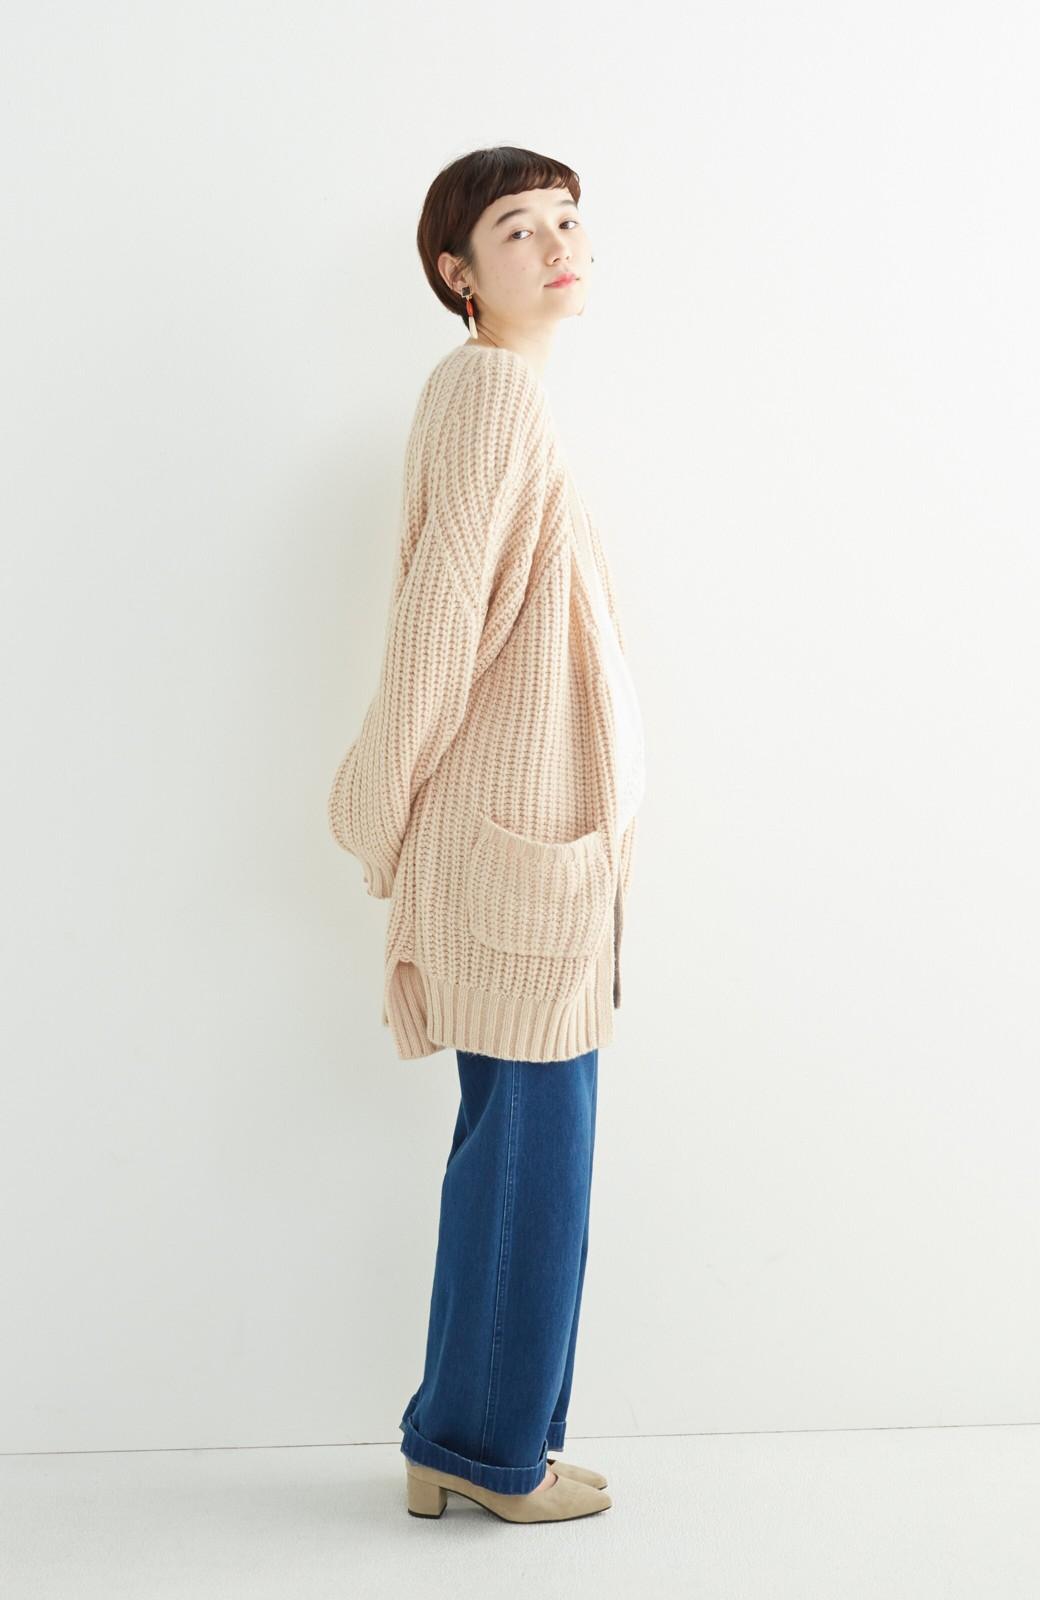 エムトロワ ぱっと羽織るのに便利なざっくり編みカーディガン <ライトベージュ>の商品写真8